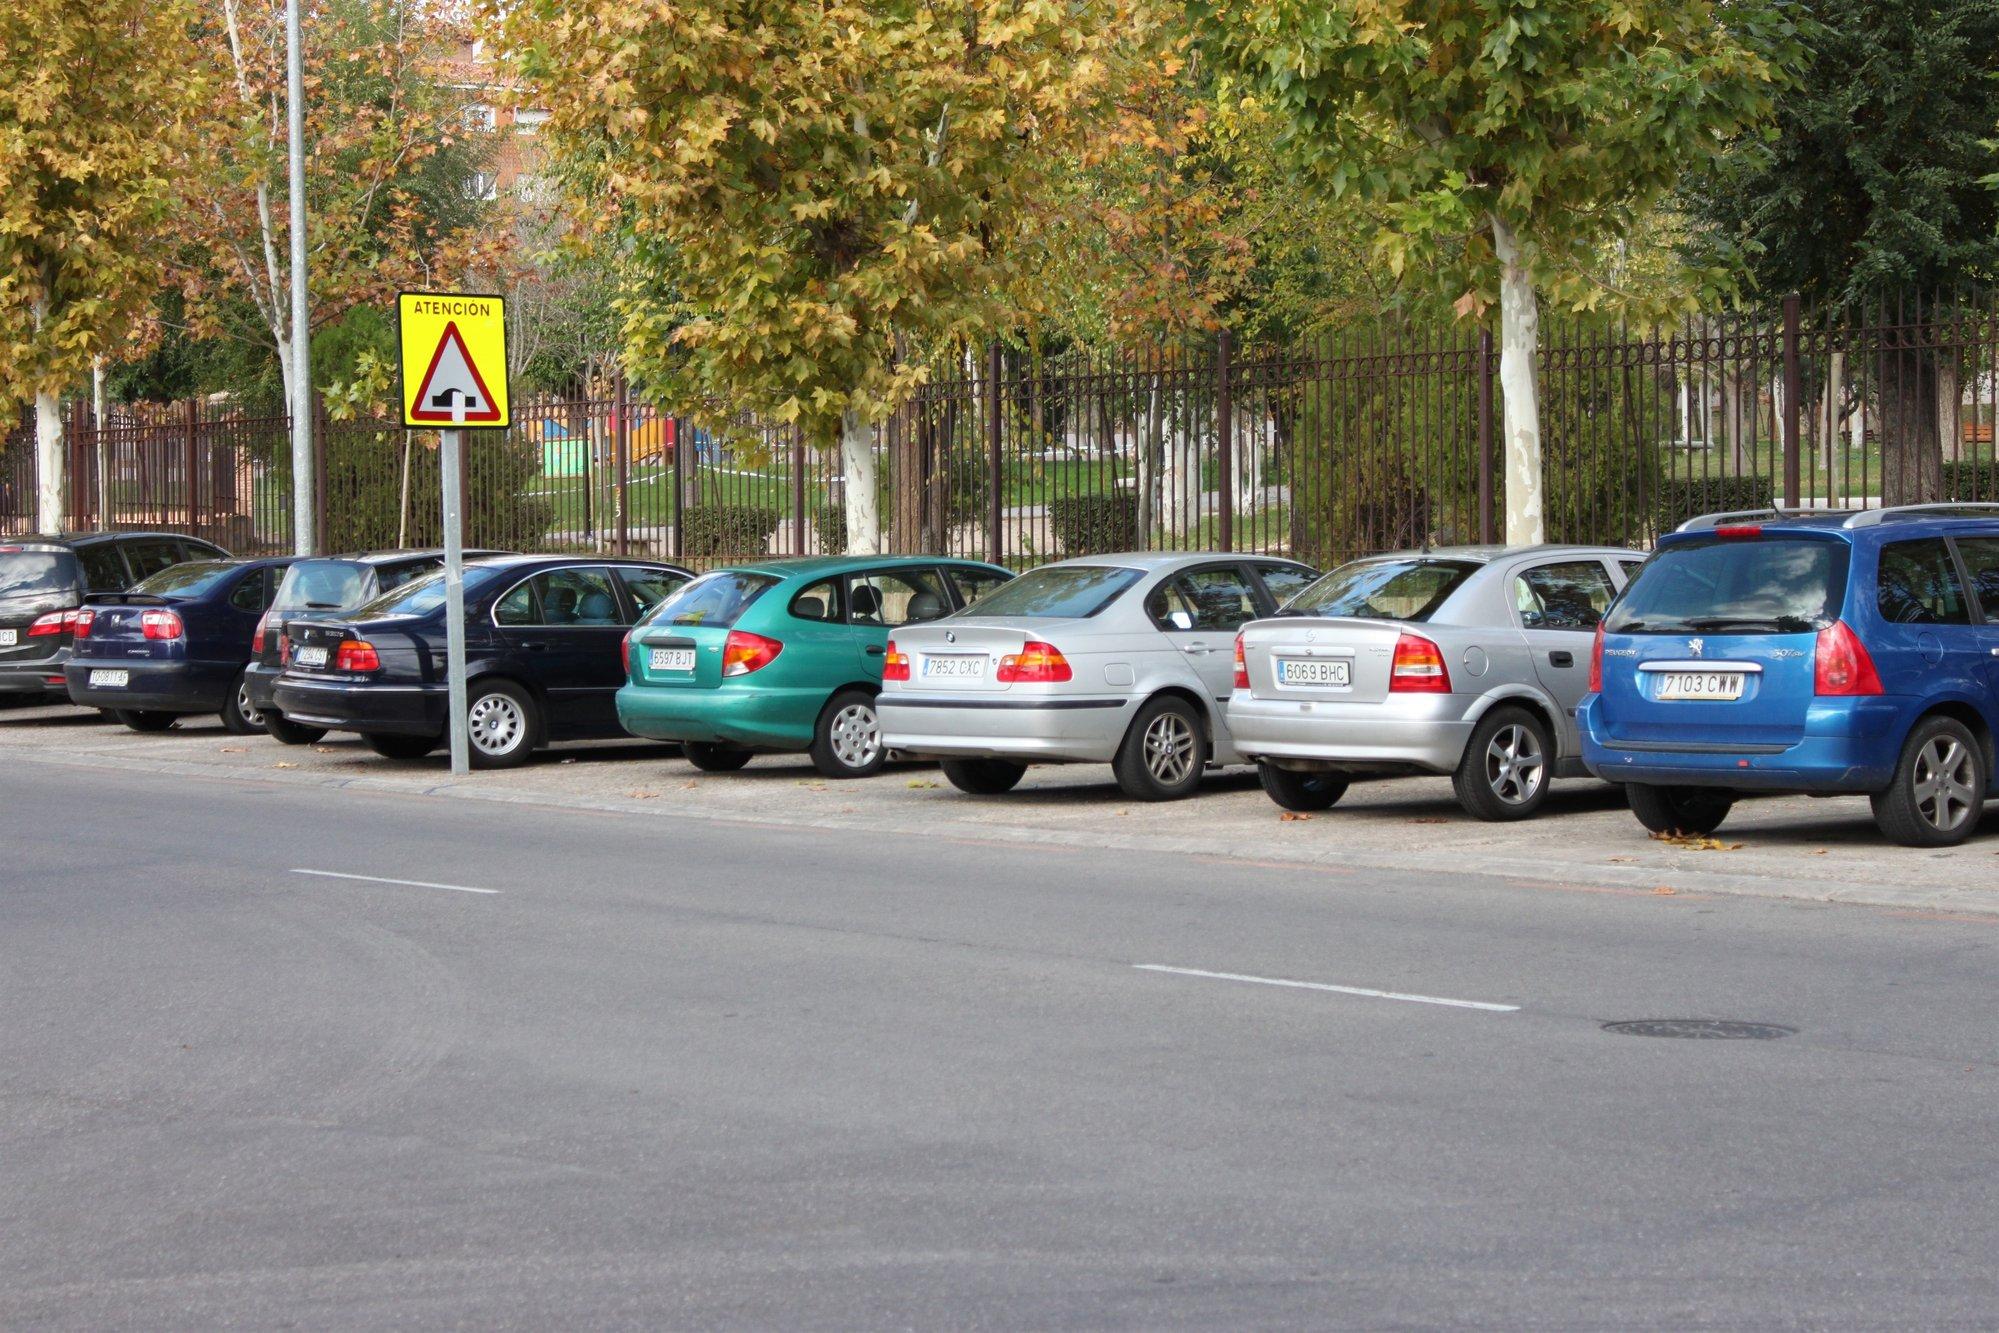 Las tarifas por estacionar en la calle han crecido un 14,3% en Madrid desde 2006, según la OCU